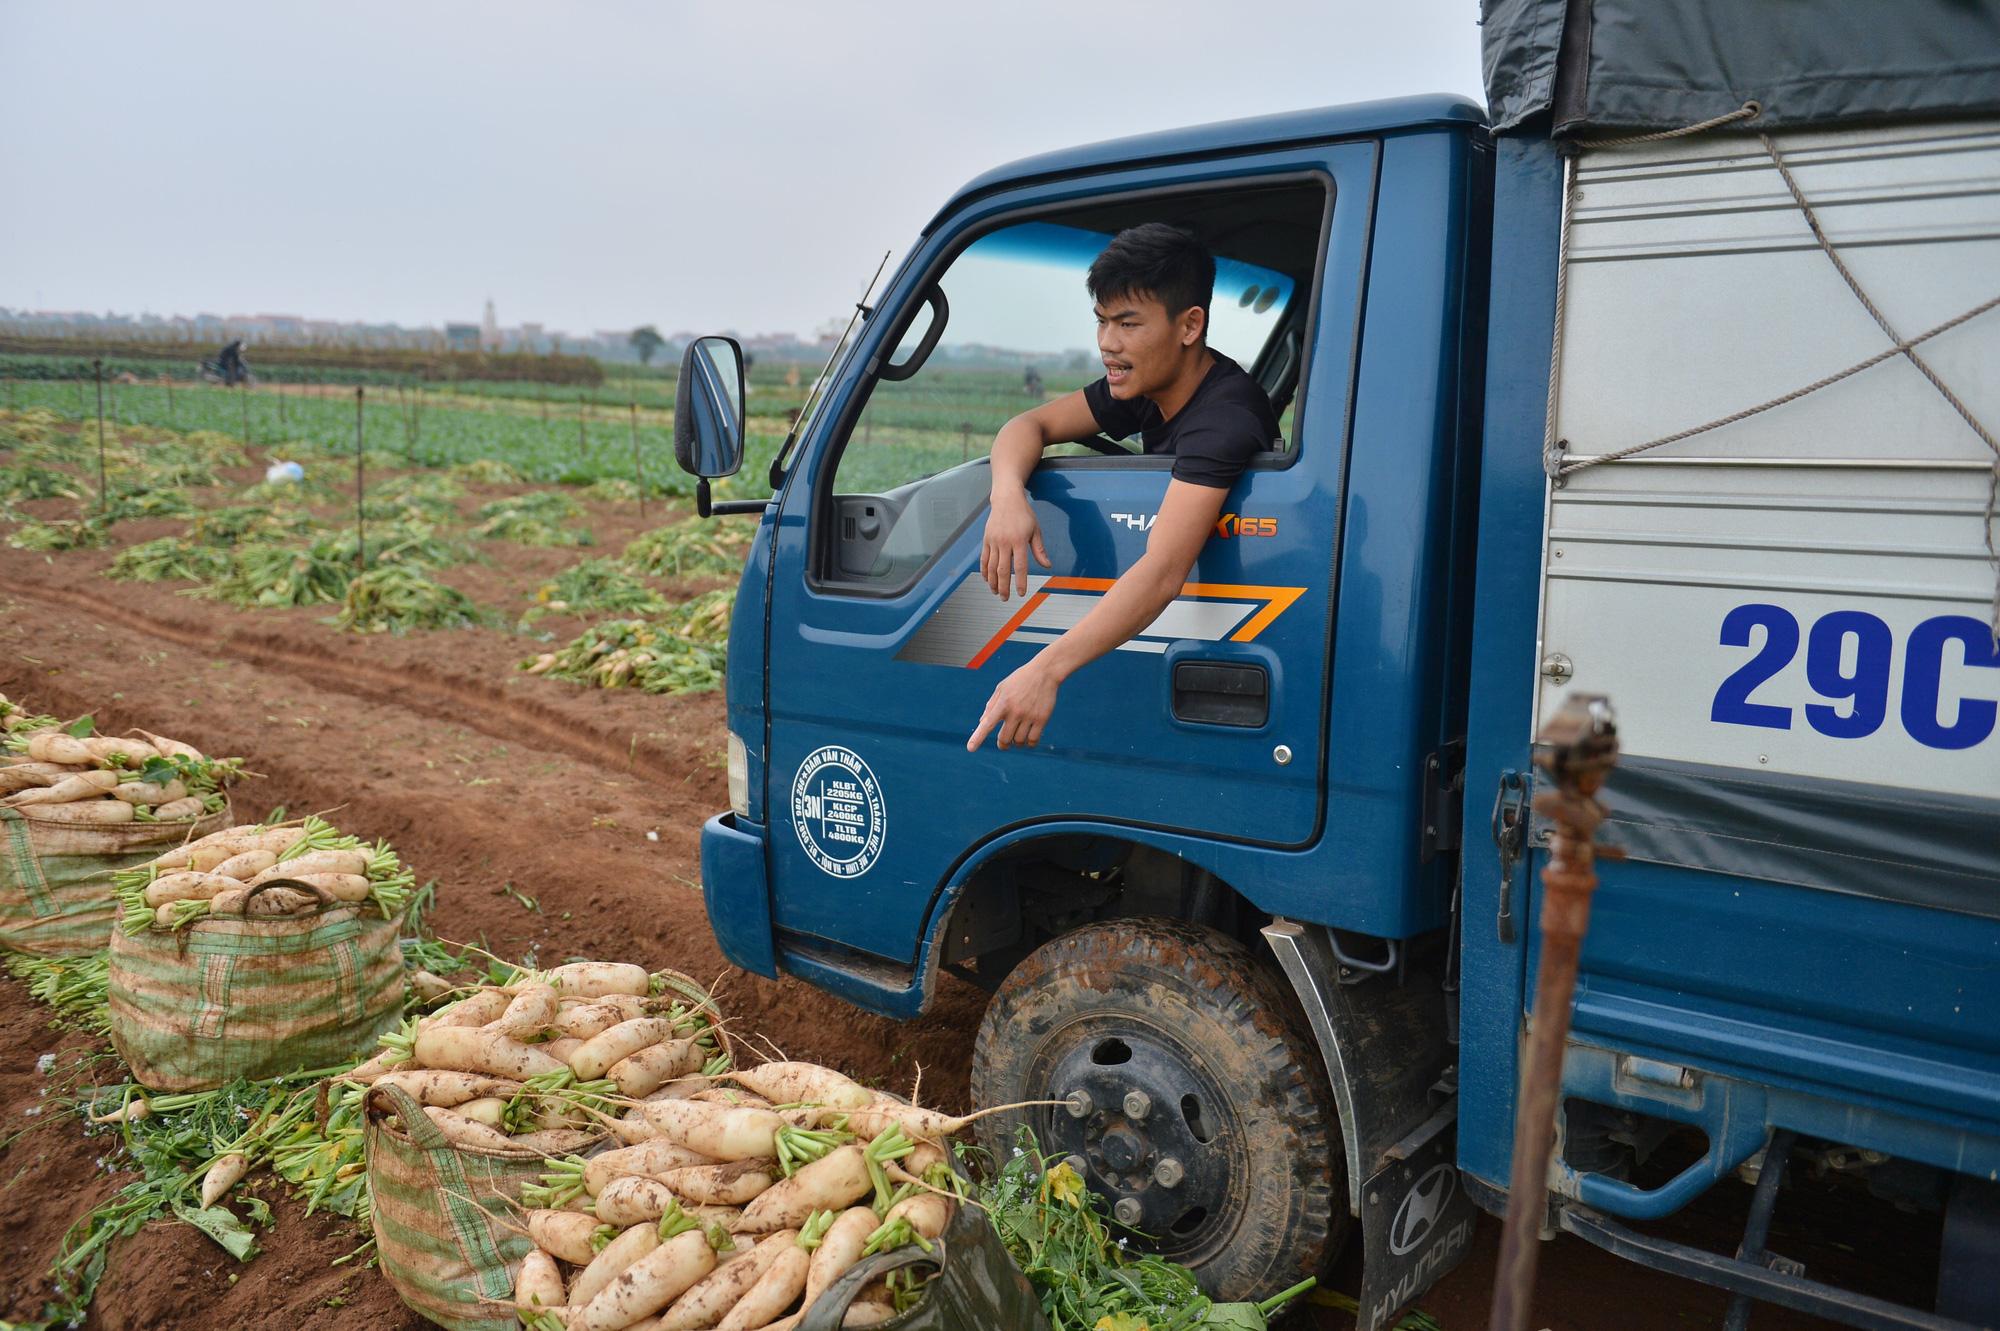 Sau Hải Dương, hàng trăm tấn củ cải ở Hà Nội rớt giá, người dân phải nhổ bỏ vì bán không ai mua - Ảnh 12.